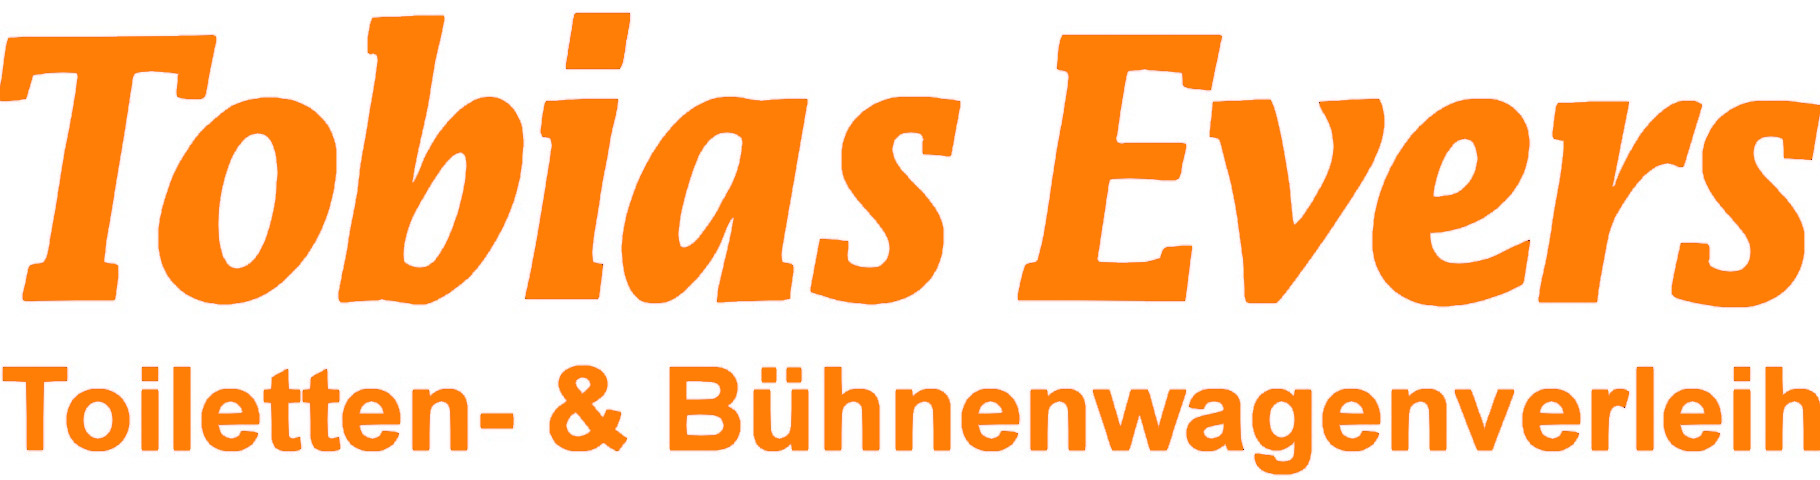 Tobias Evers Toilettenwagen verleih und Bühnenwagen vermietung